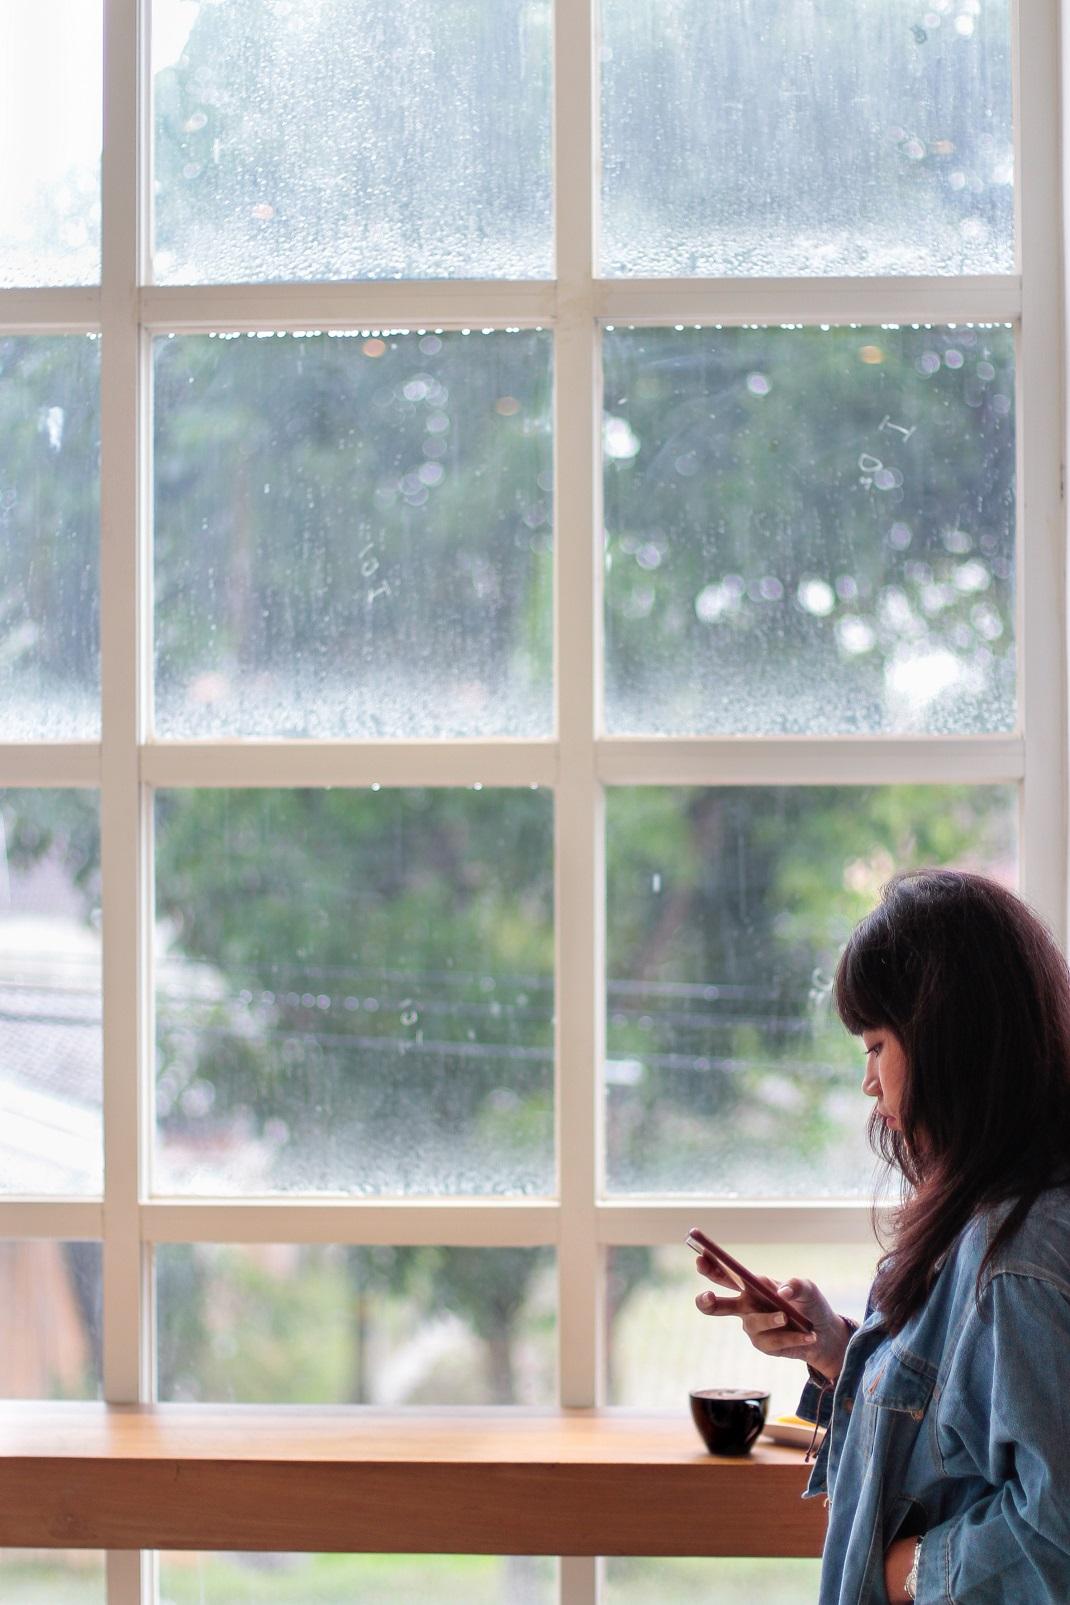 Γυναίκα στο παράθυρο κοιτάει το κινητό της